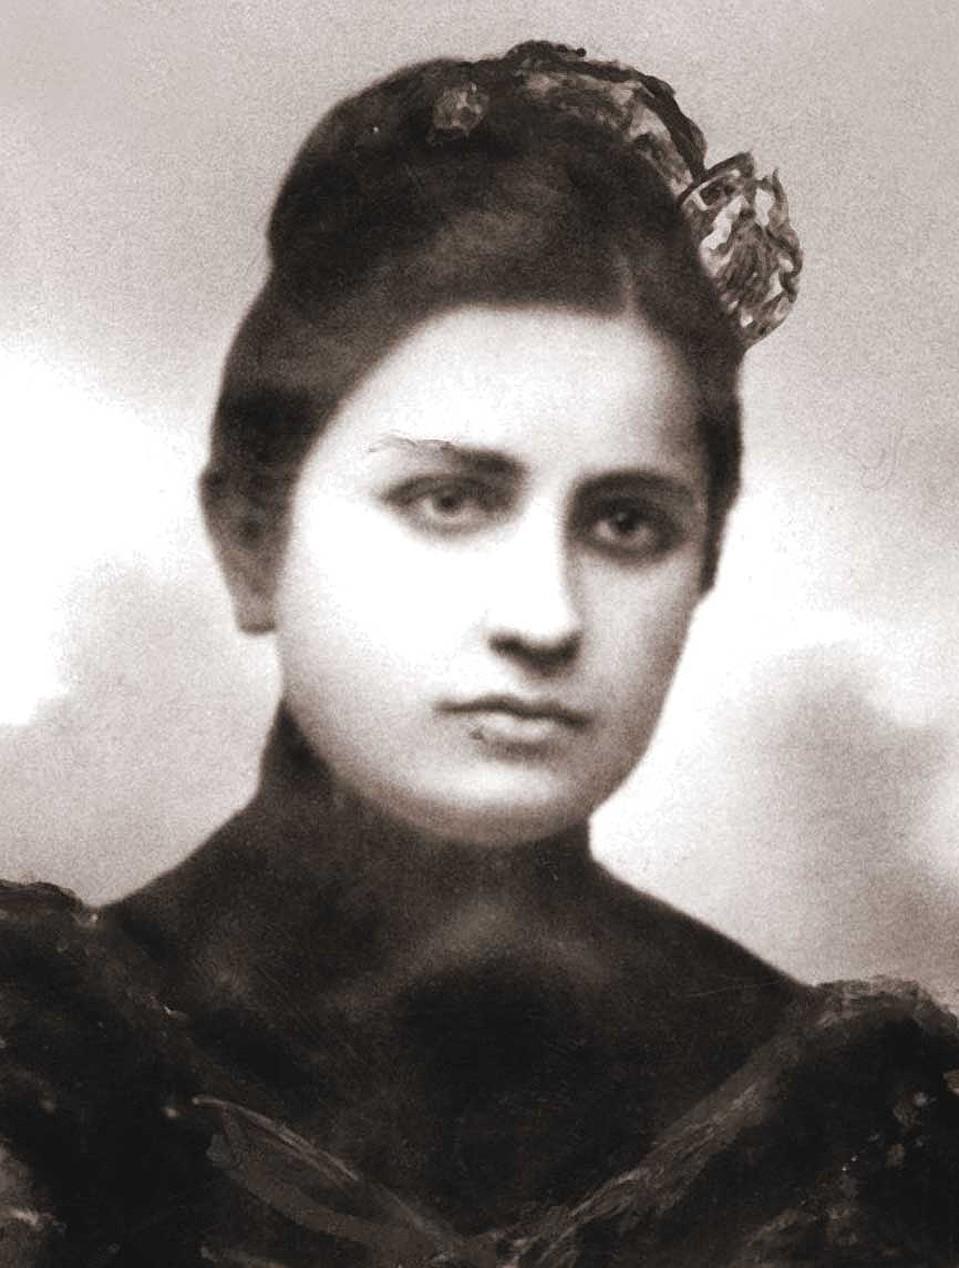 Жена Сталина Екатерина Сванидзе (1885 - 1907). Фото: wikimedia.org